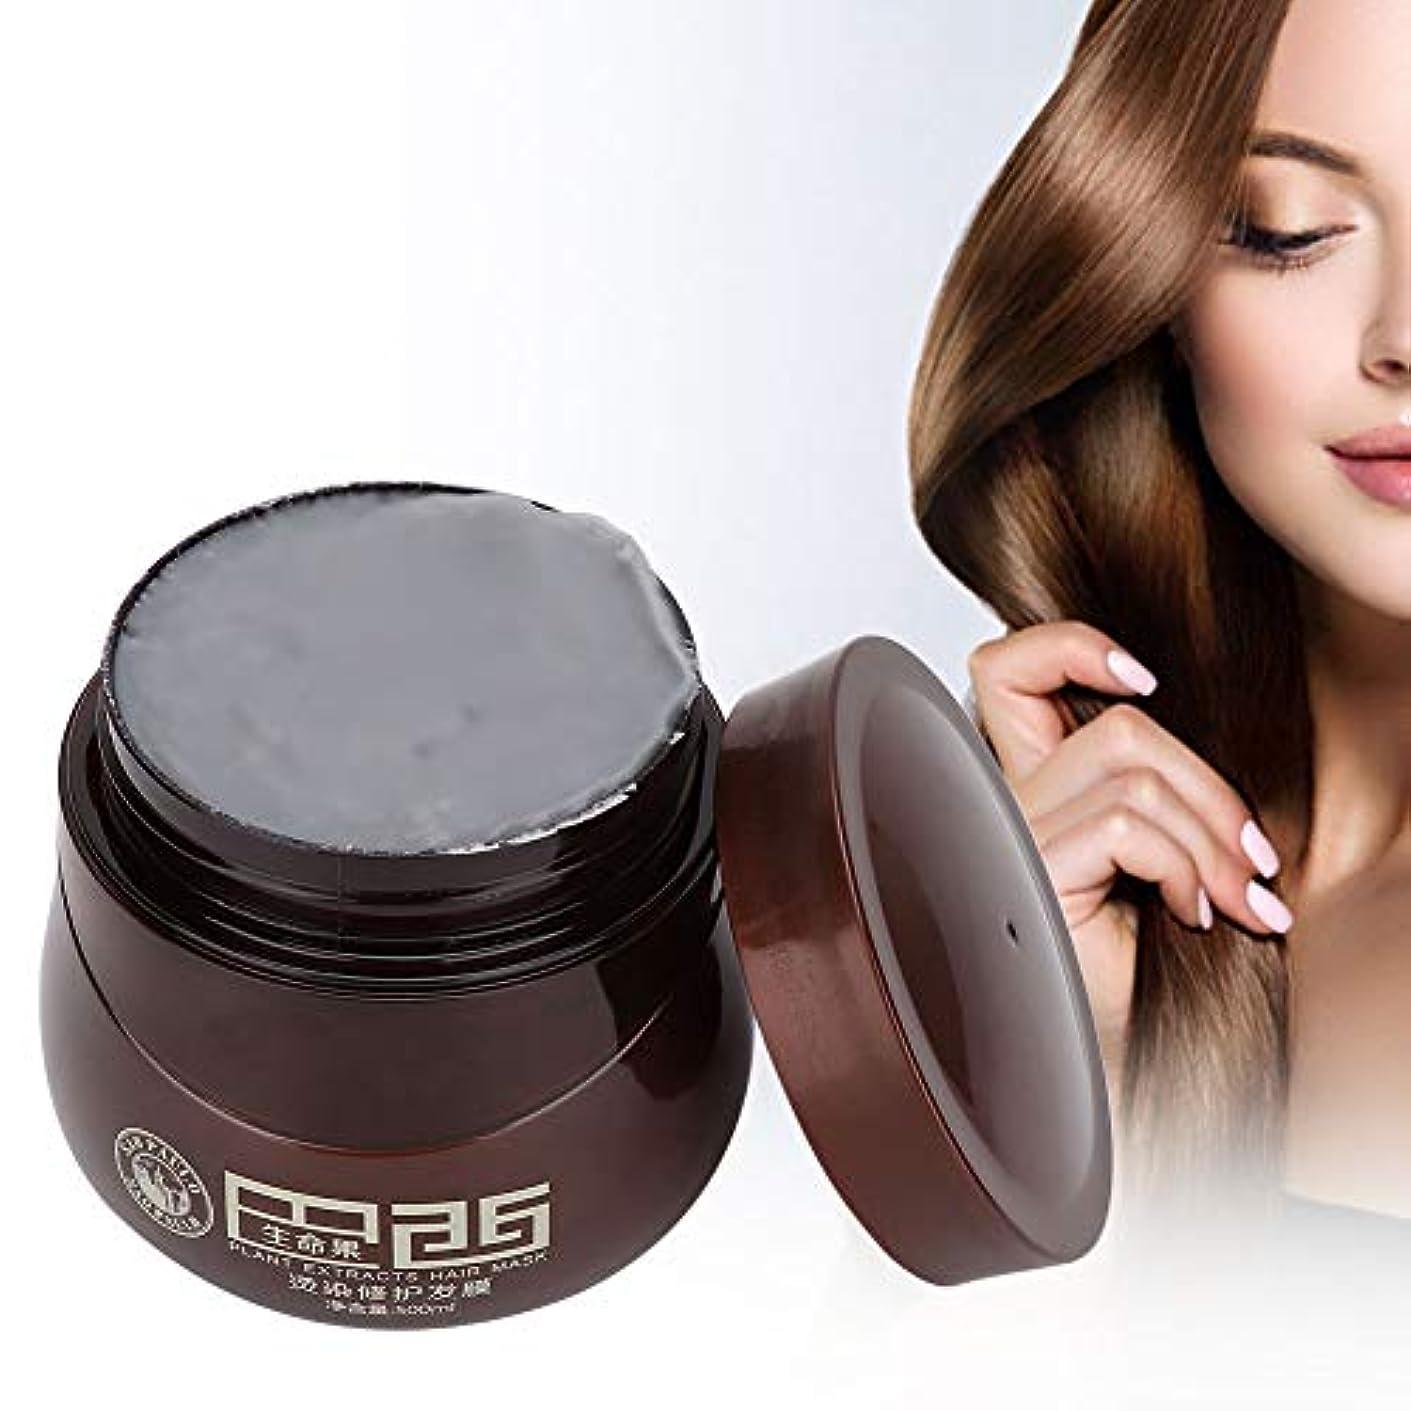 ヘアマスク、染毛剤ダメージヘアナリッシングリペアマスクトリートメントコンディショナープロのヘアサロンや家庭での使用に最適500ml